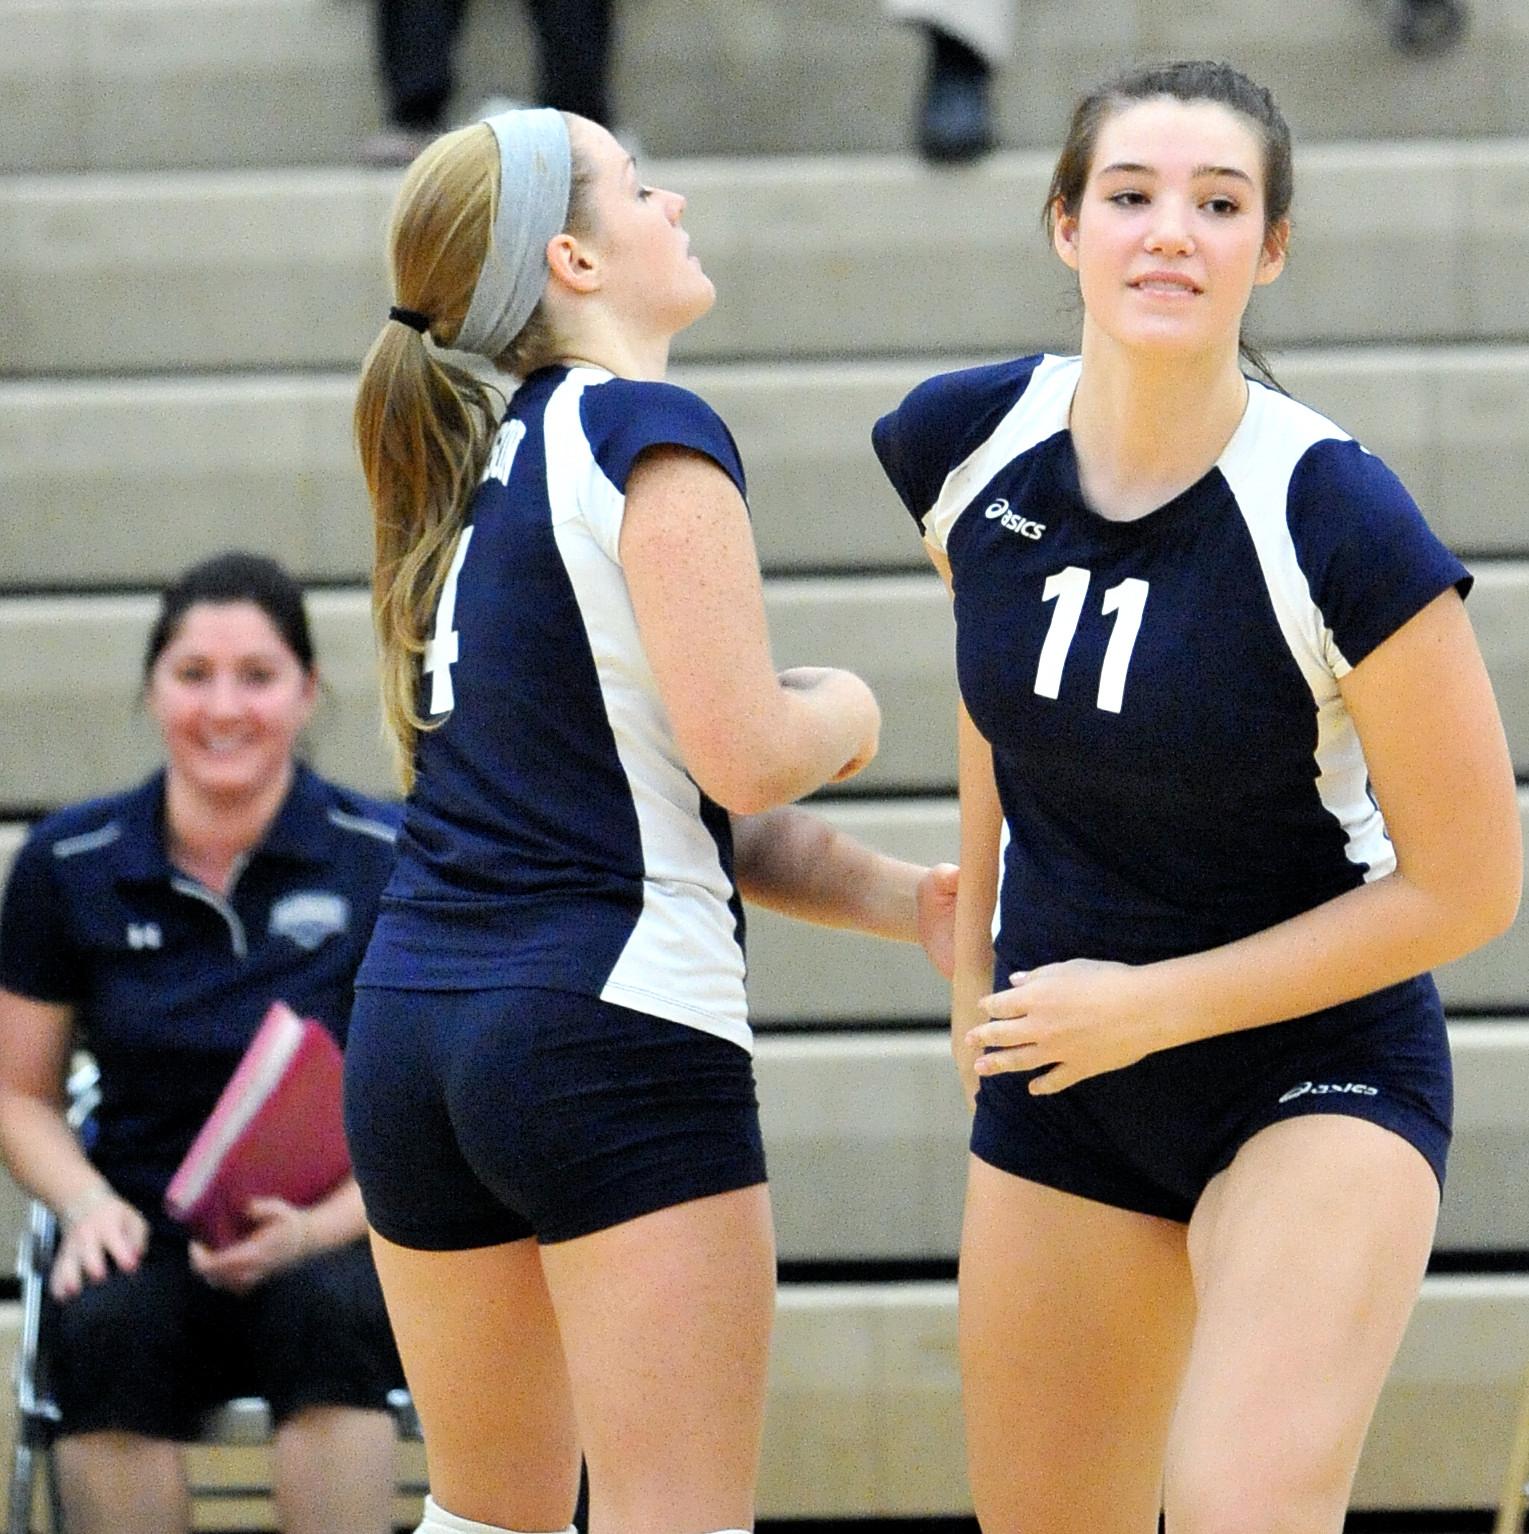 women's volleyball net height - HD1529×1534